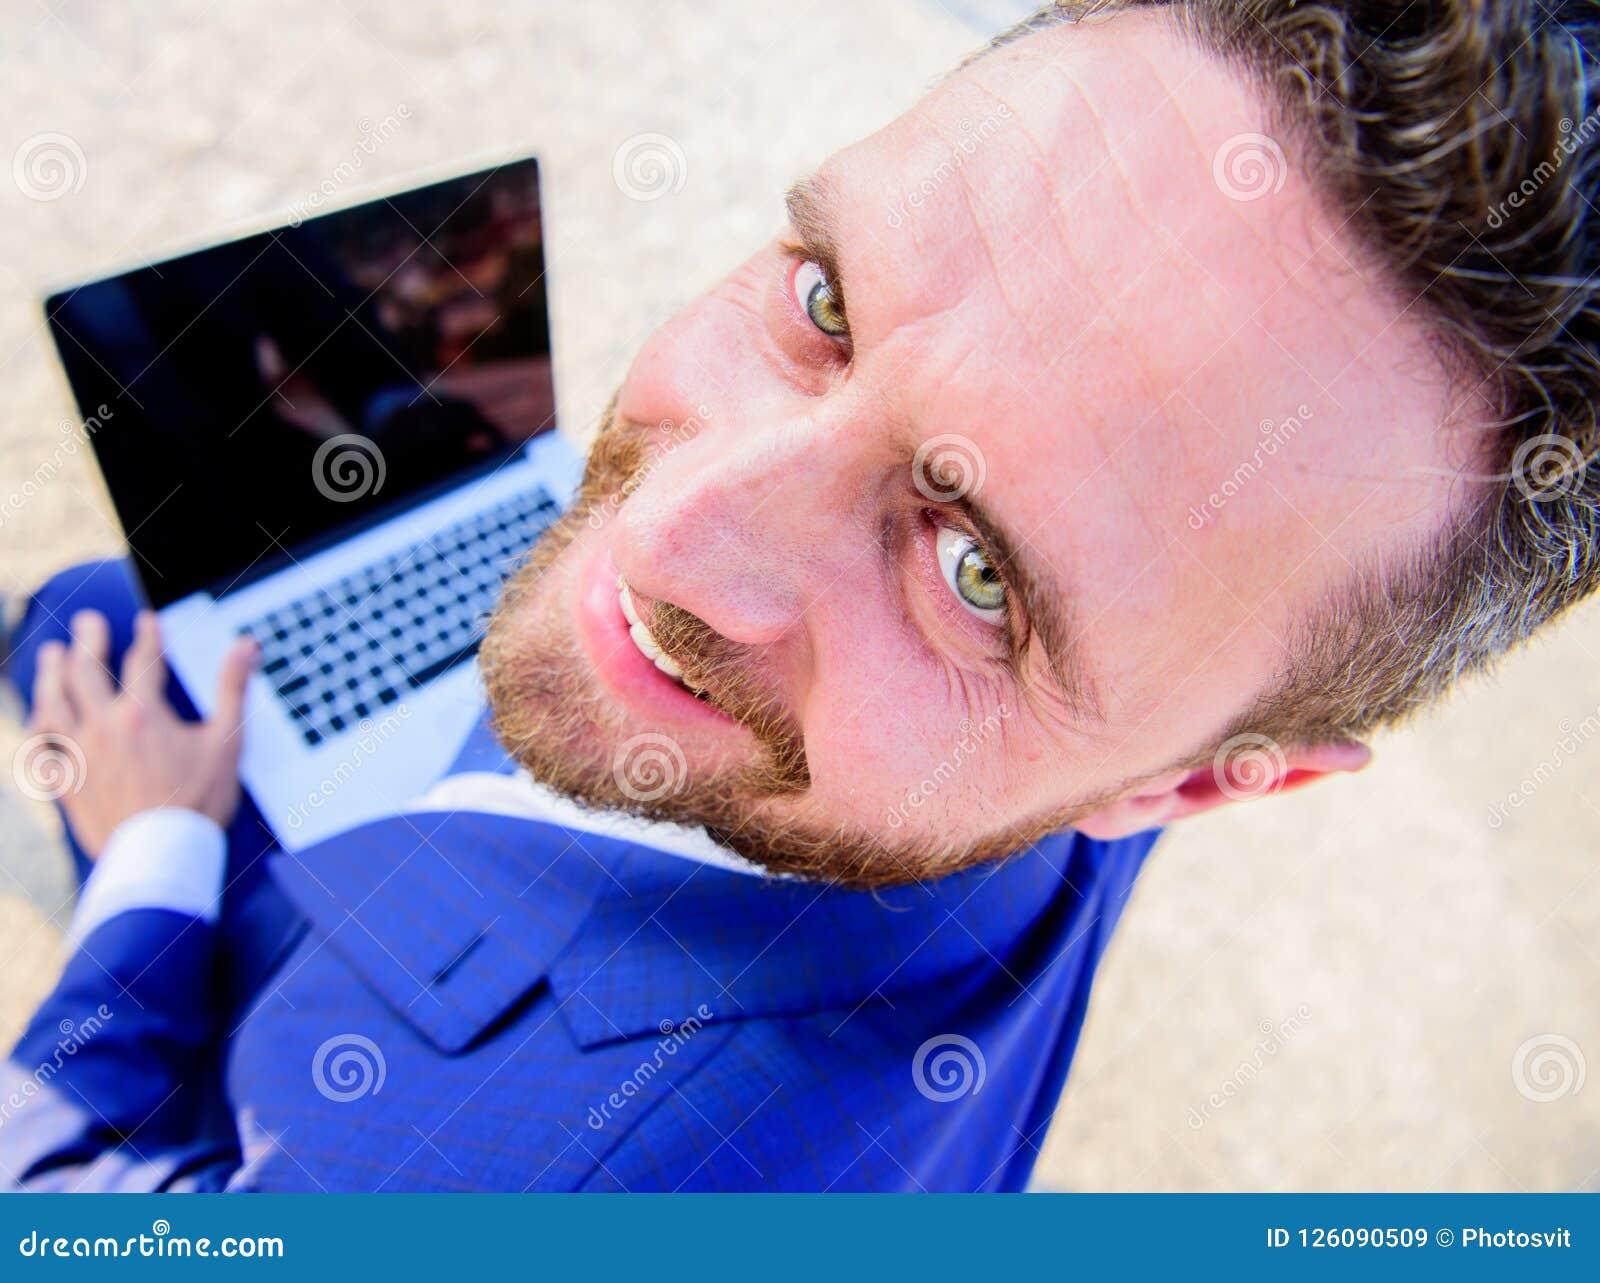 宜人的工作日户外 商人正式衣服神色,当举行打开屏幕膝上型计算机时 人微笑的快乐的面孔